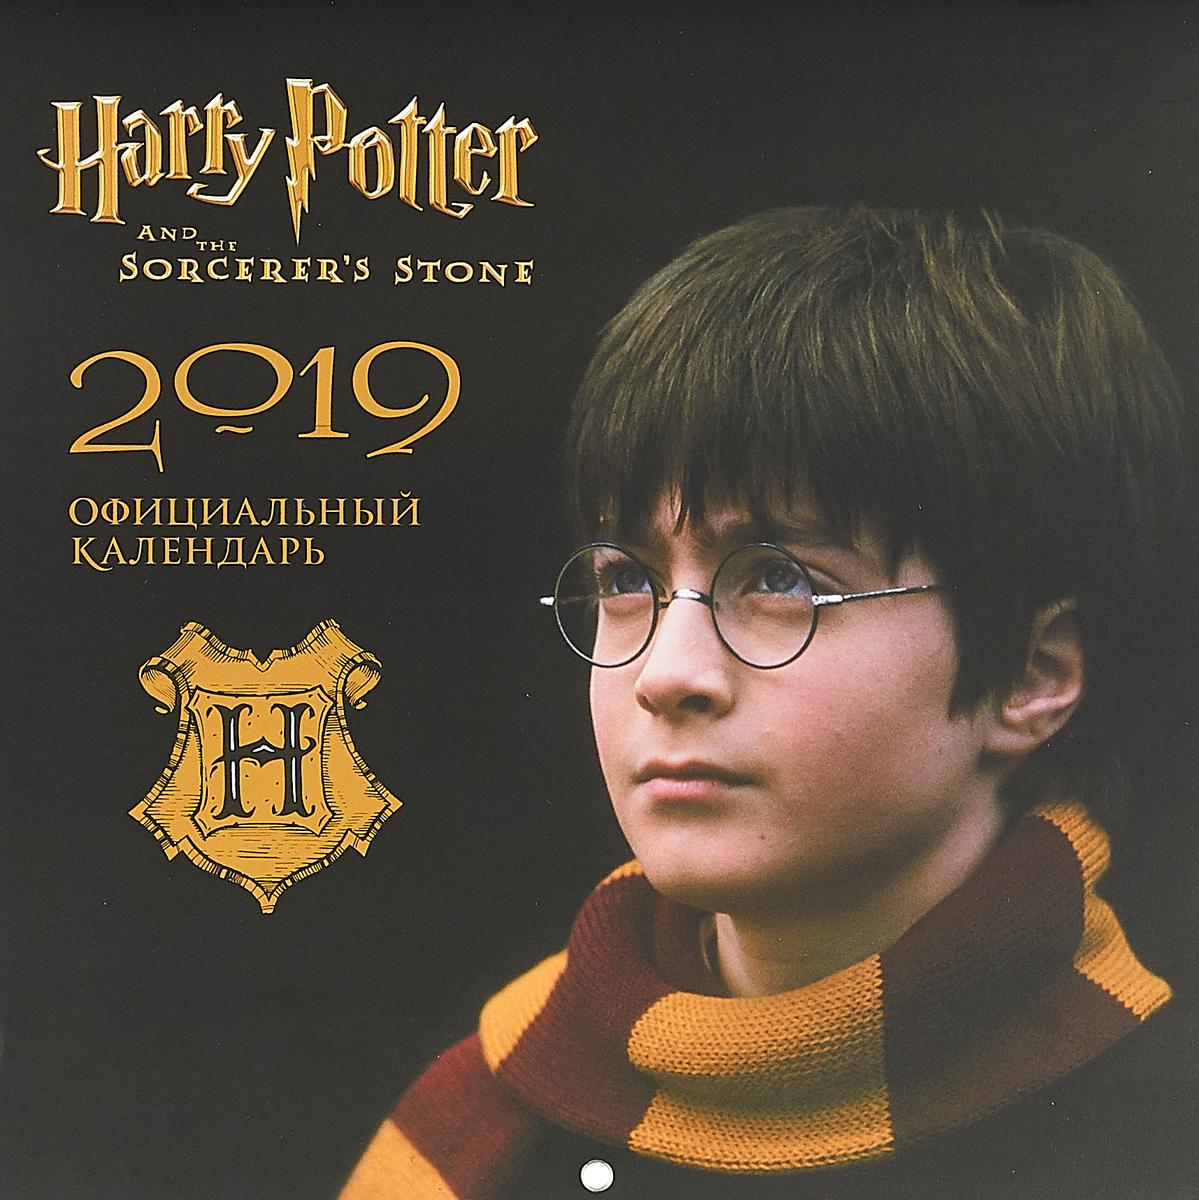 Календарь настенный на 2019 год. Гарри Поттер гарри поттер календарь настенный на 2019 год